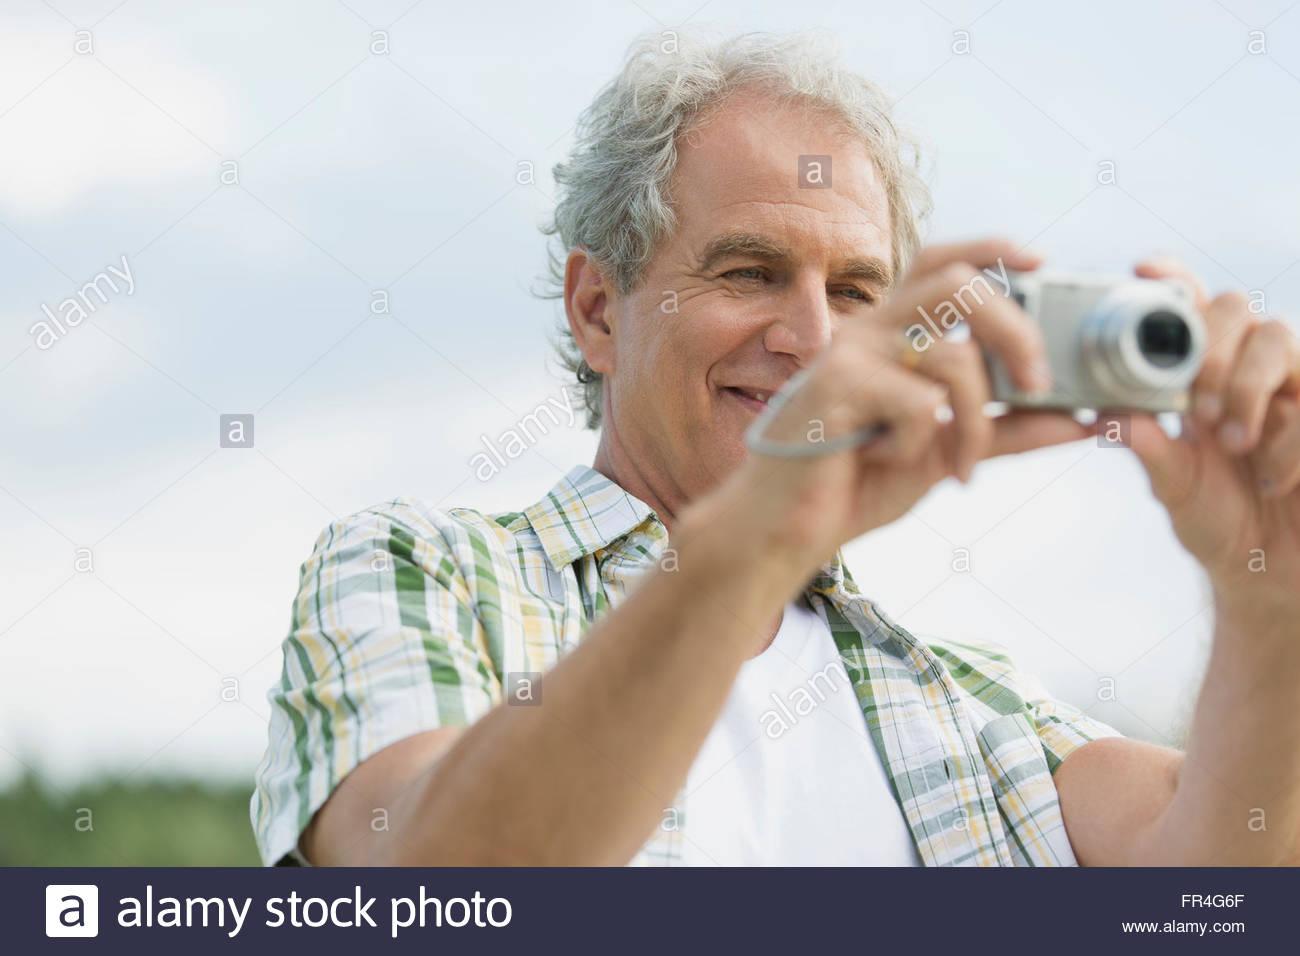 Attraktive senior woman mit Schwerpunkt Kamera im Freien. Stockbild